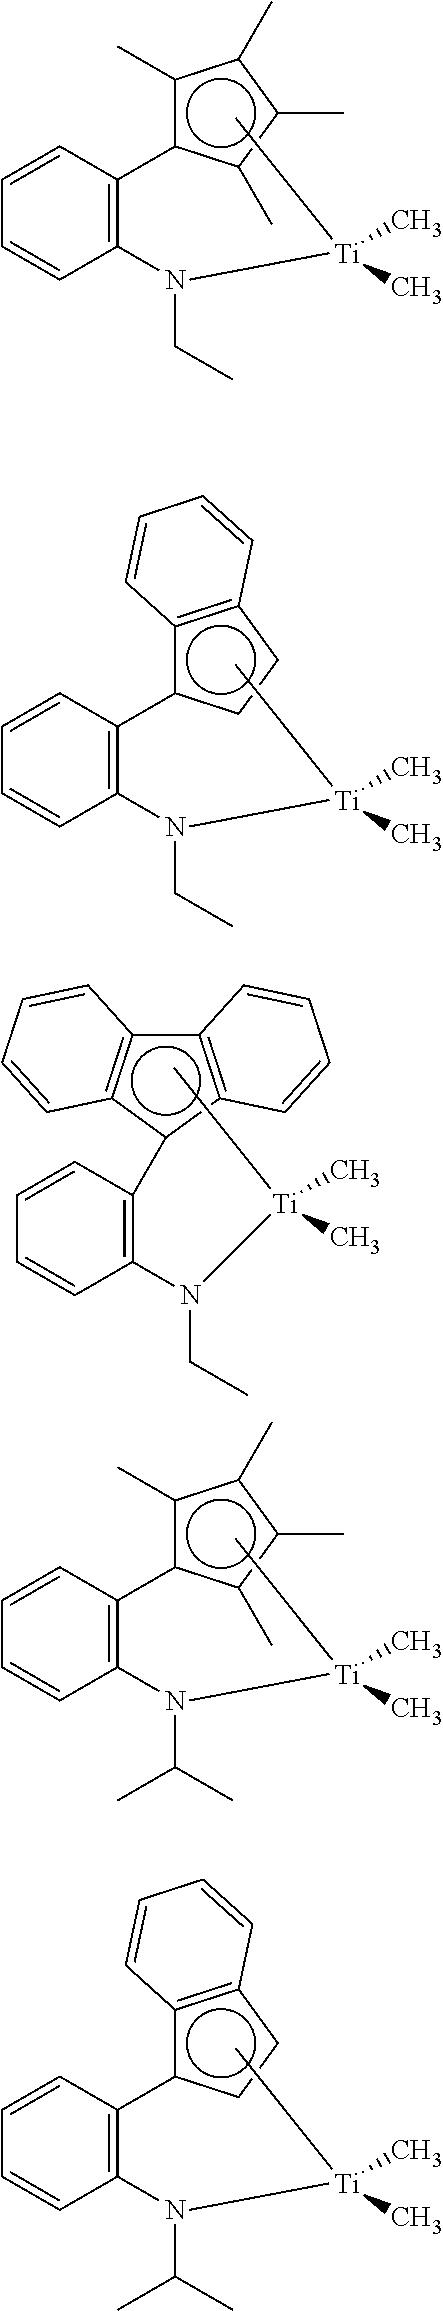 Figure US09120836-20150901-C00025